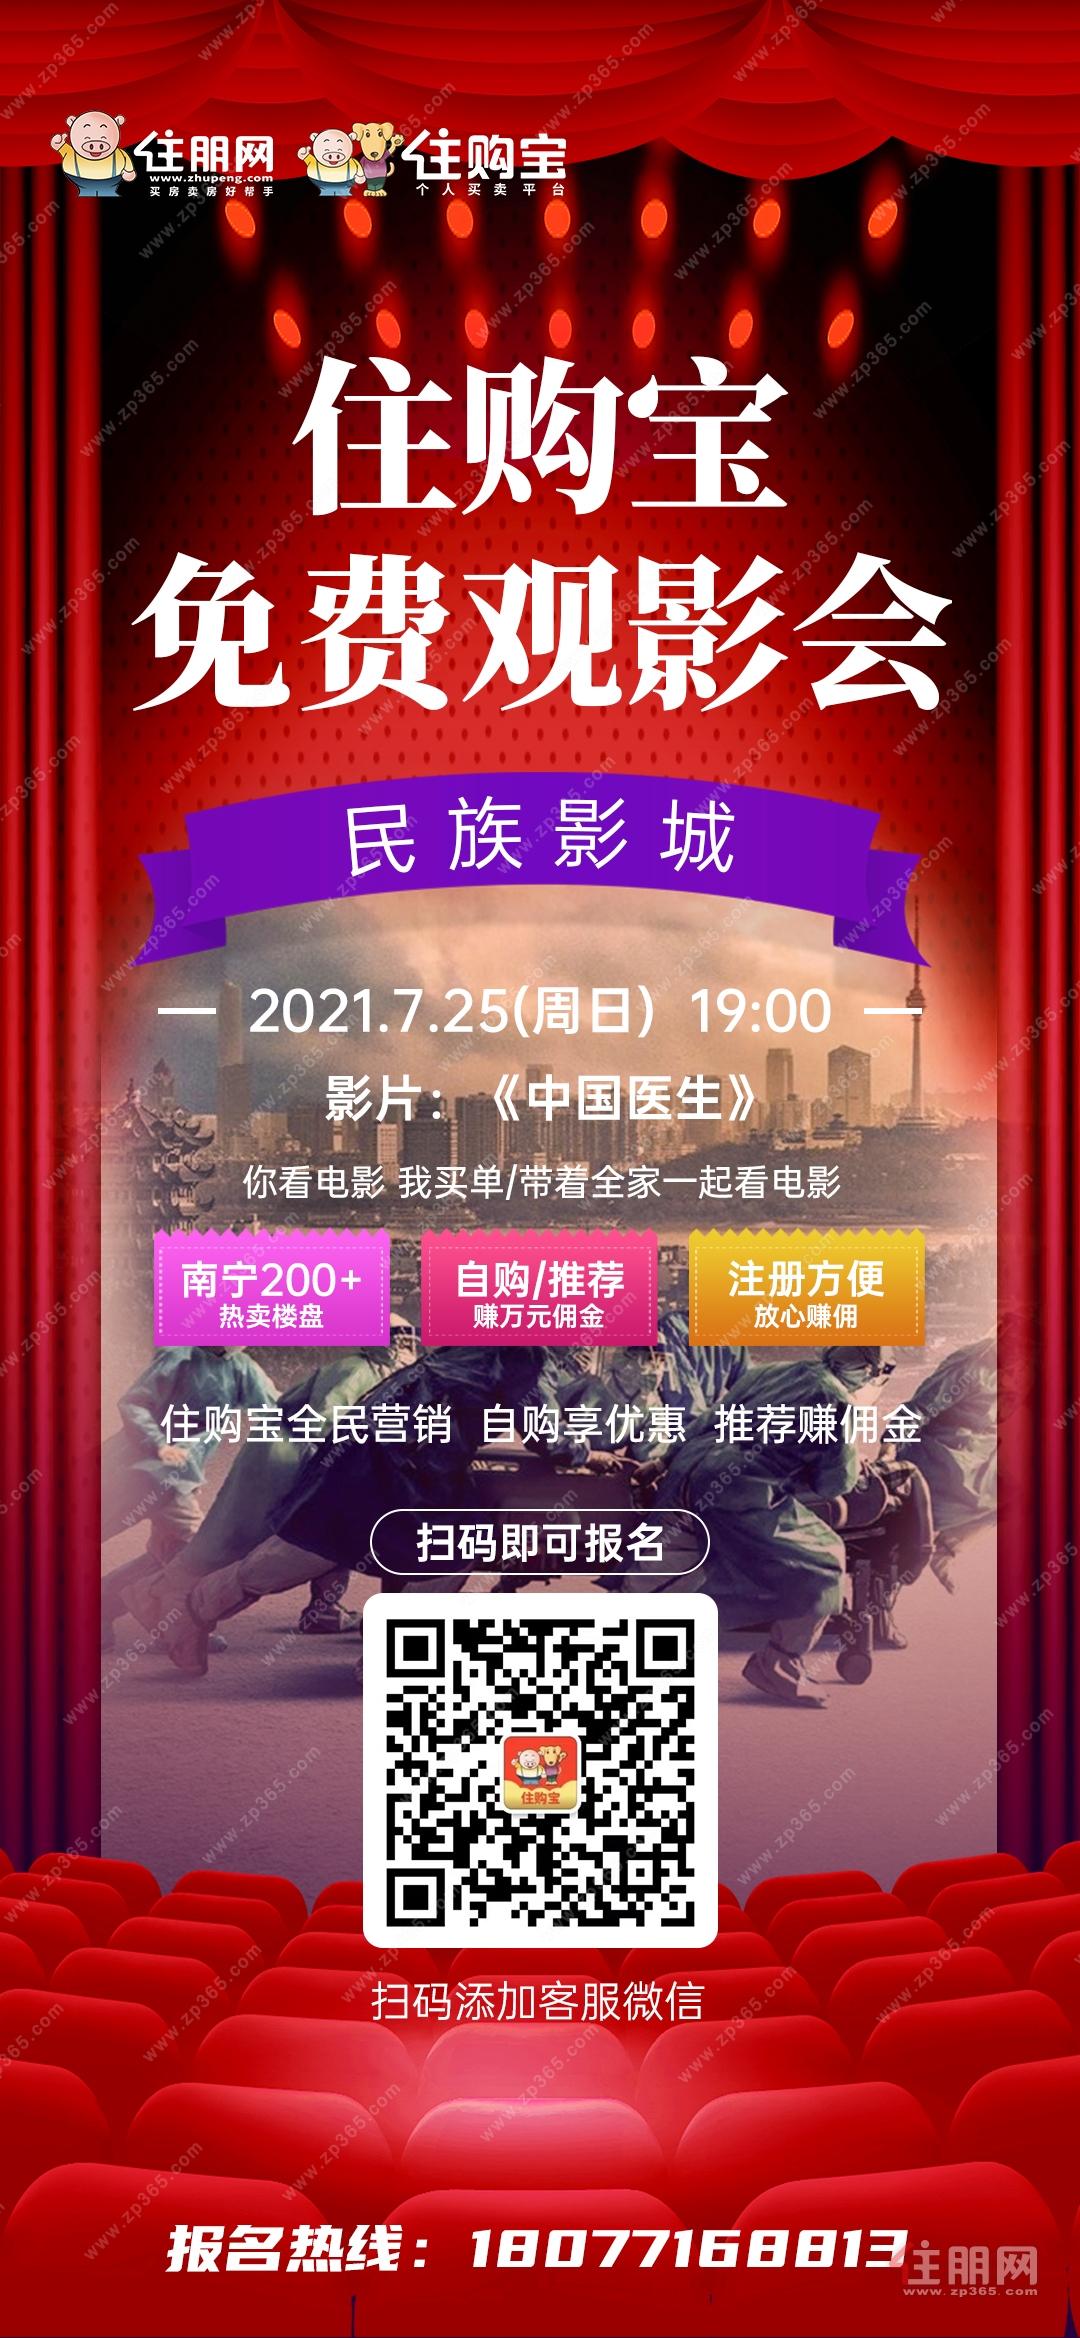 7月25日住購寶觀影會《中國醫生》免費觀影活動